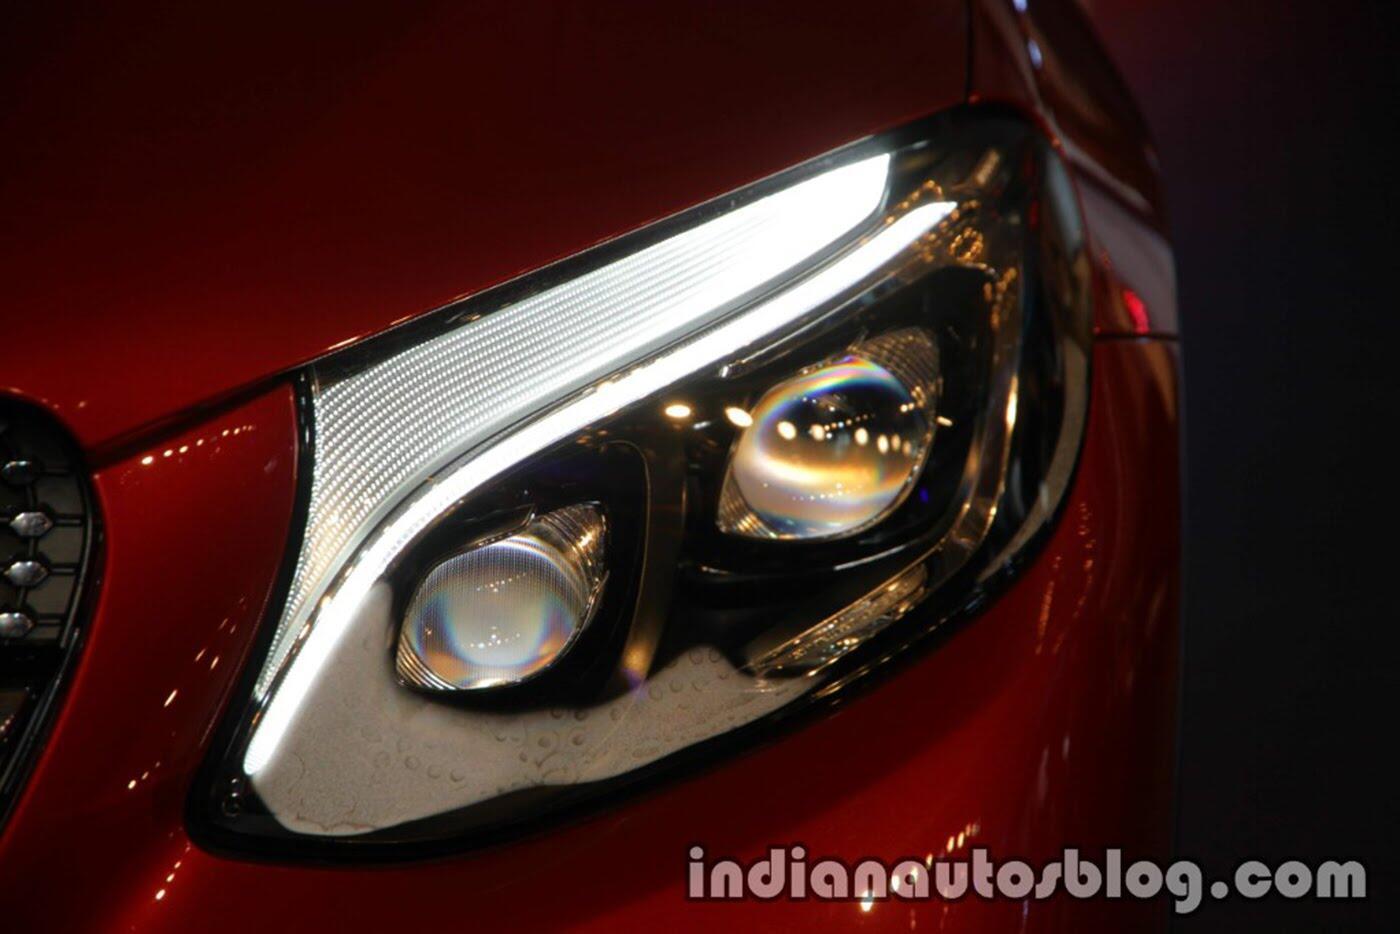 Mercedes-AMG GLC 43 4MATIC Coupe ra mắt, giá 116.000 USD - Hình 5